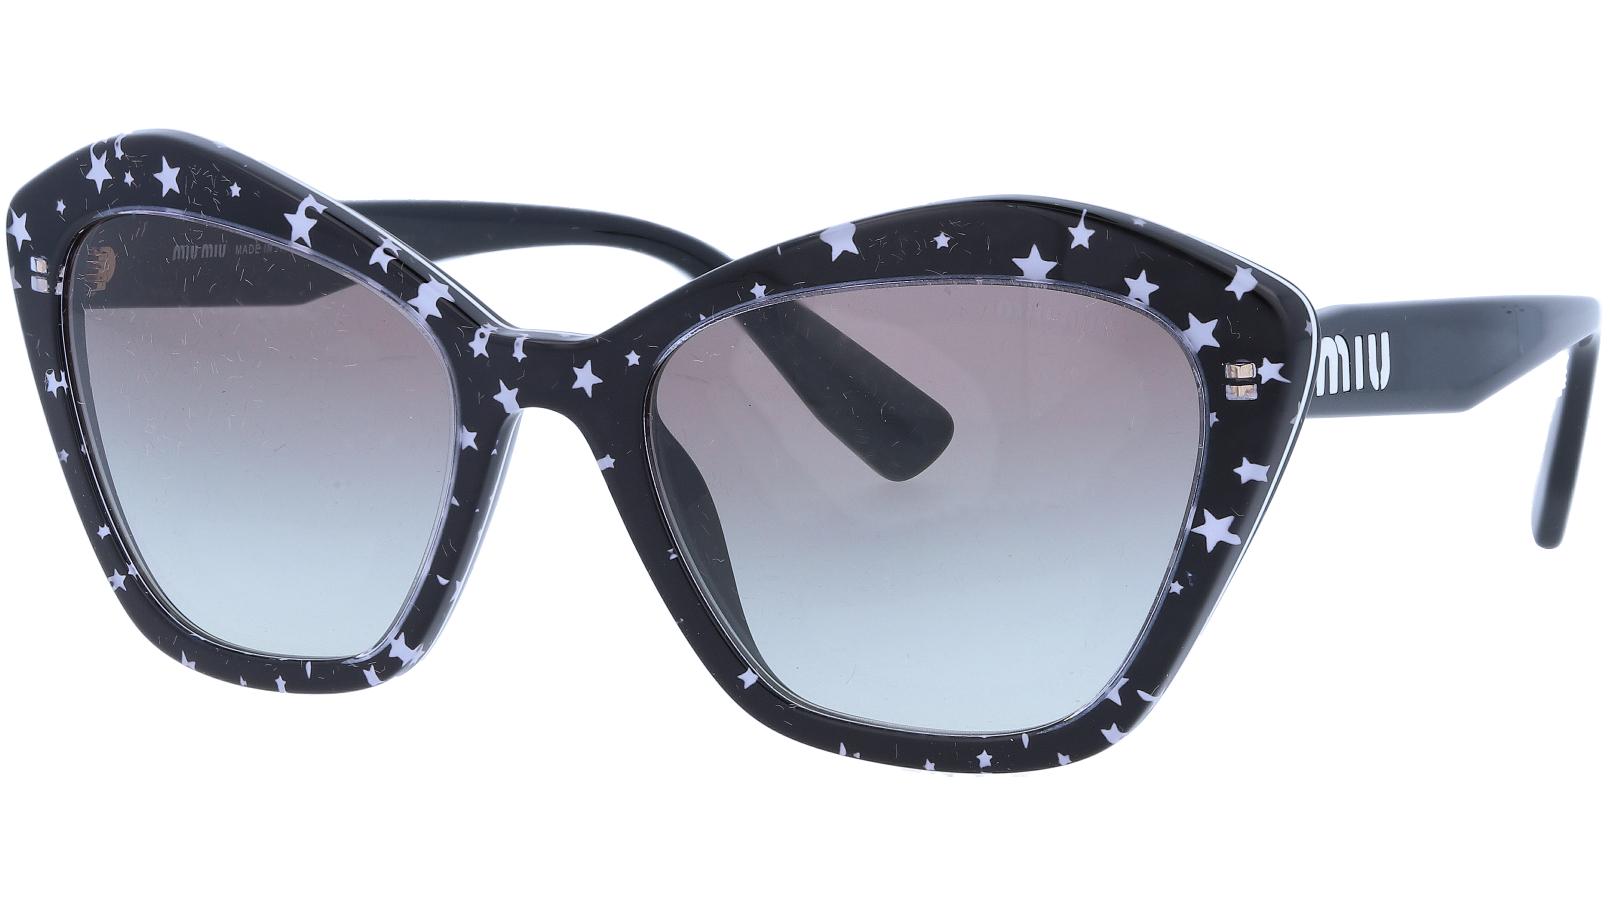 Miu Miu MU05US 1380A7 55 Black Cat-Eye Sunglasses